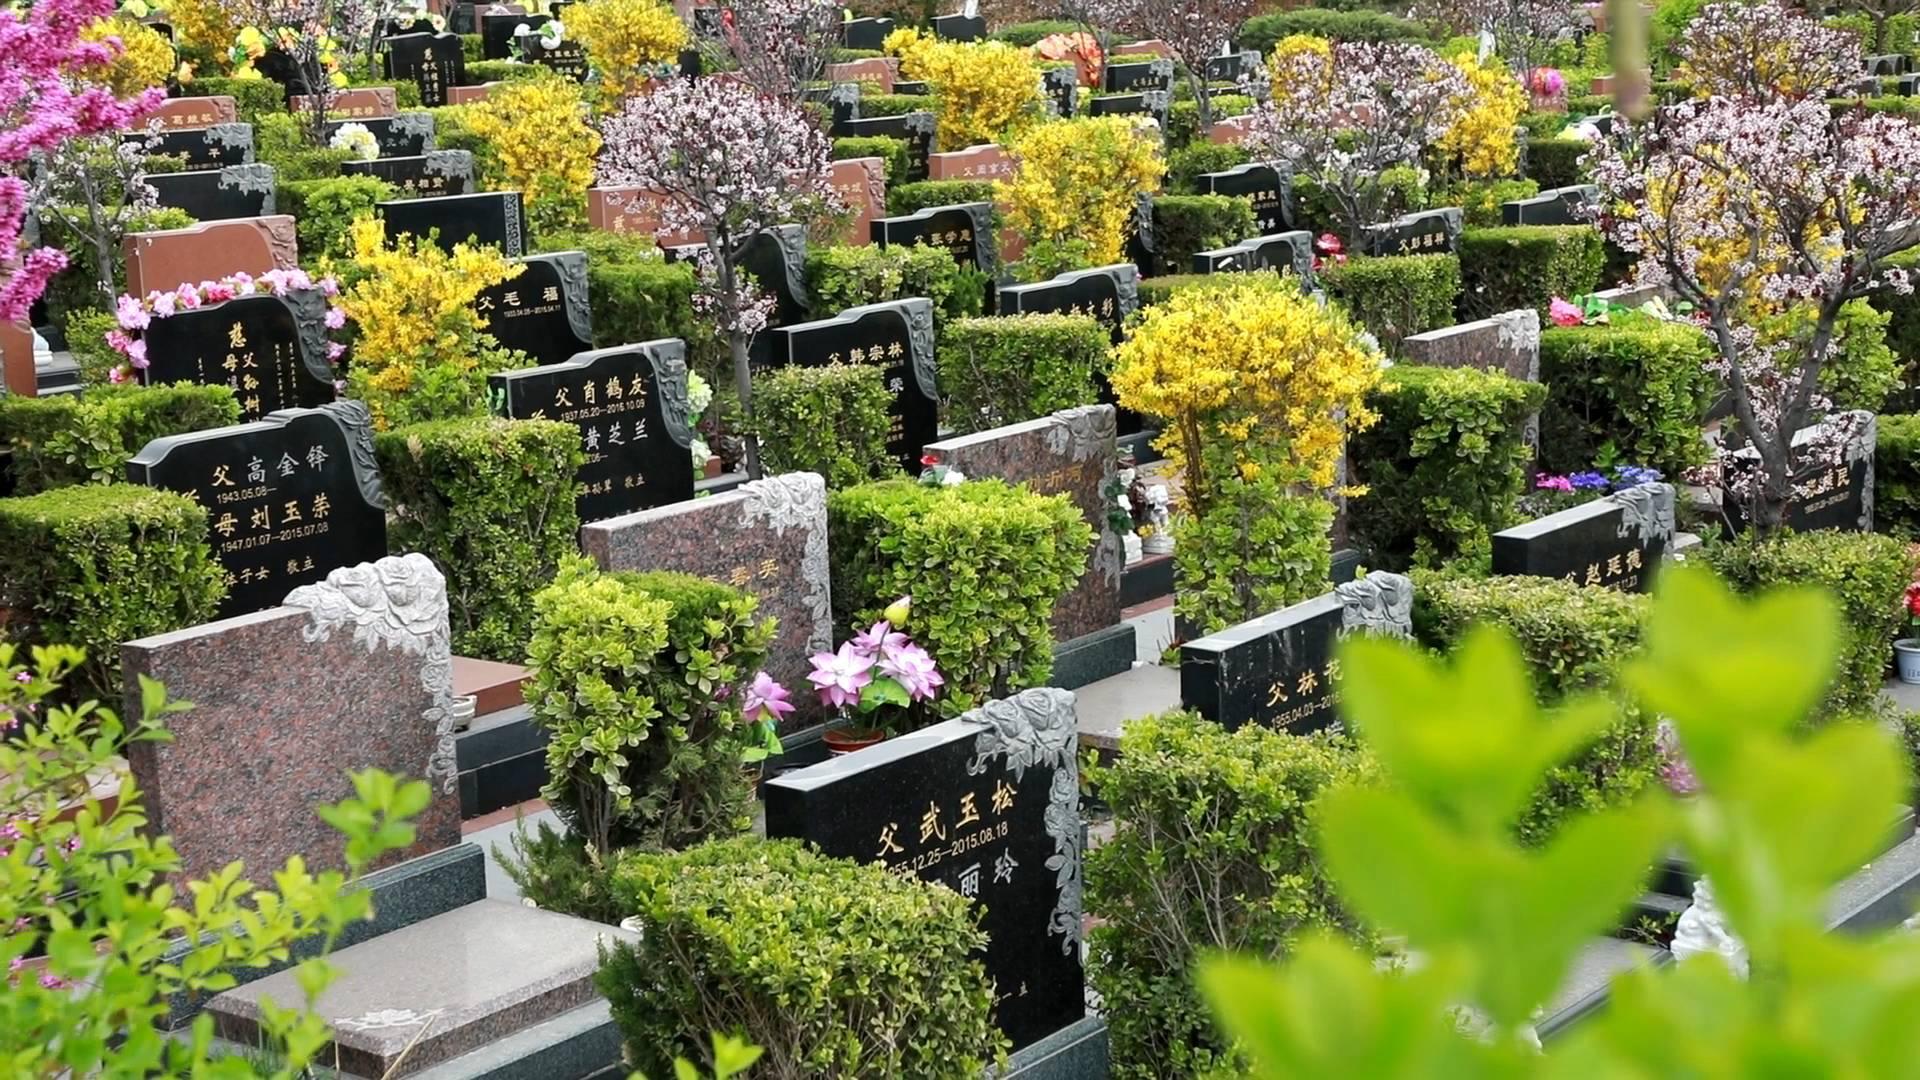 141秒|海葬、树葬、壁葬、草坪葬…淄博推行绿色殡葬让逝者回归自然